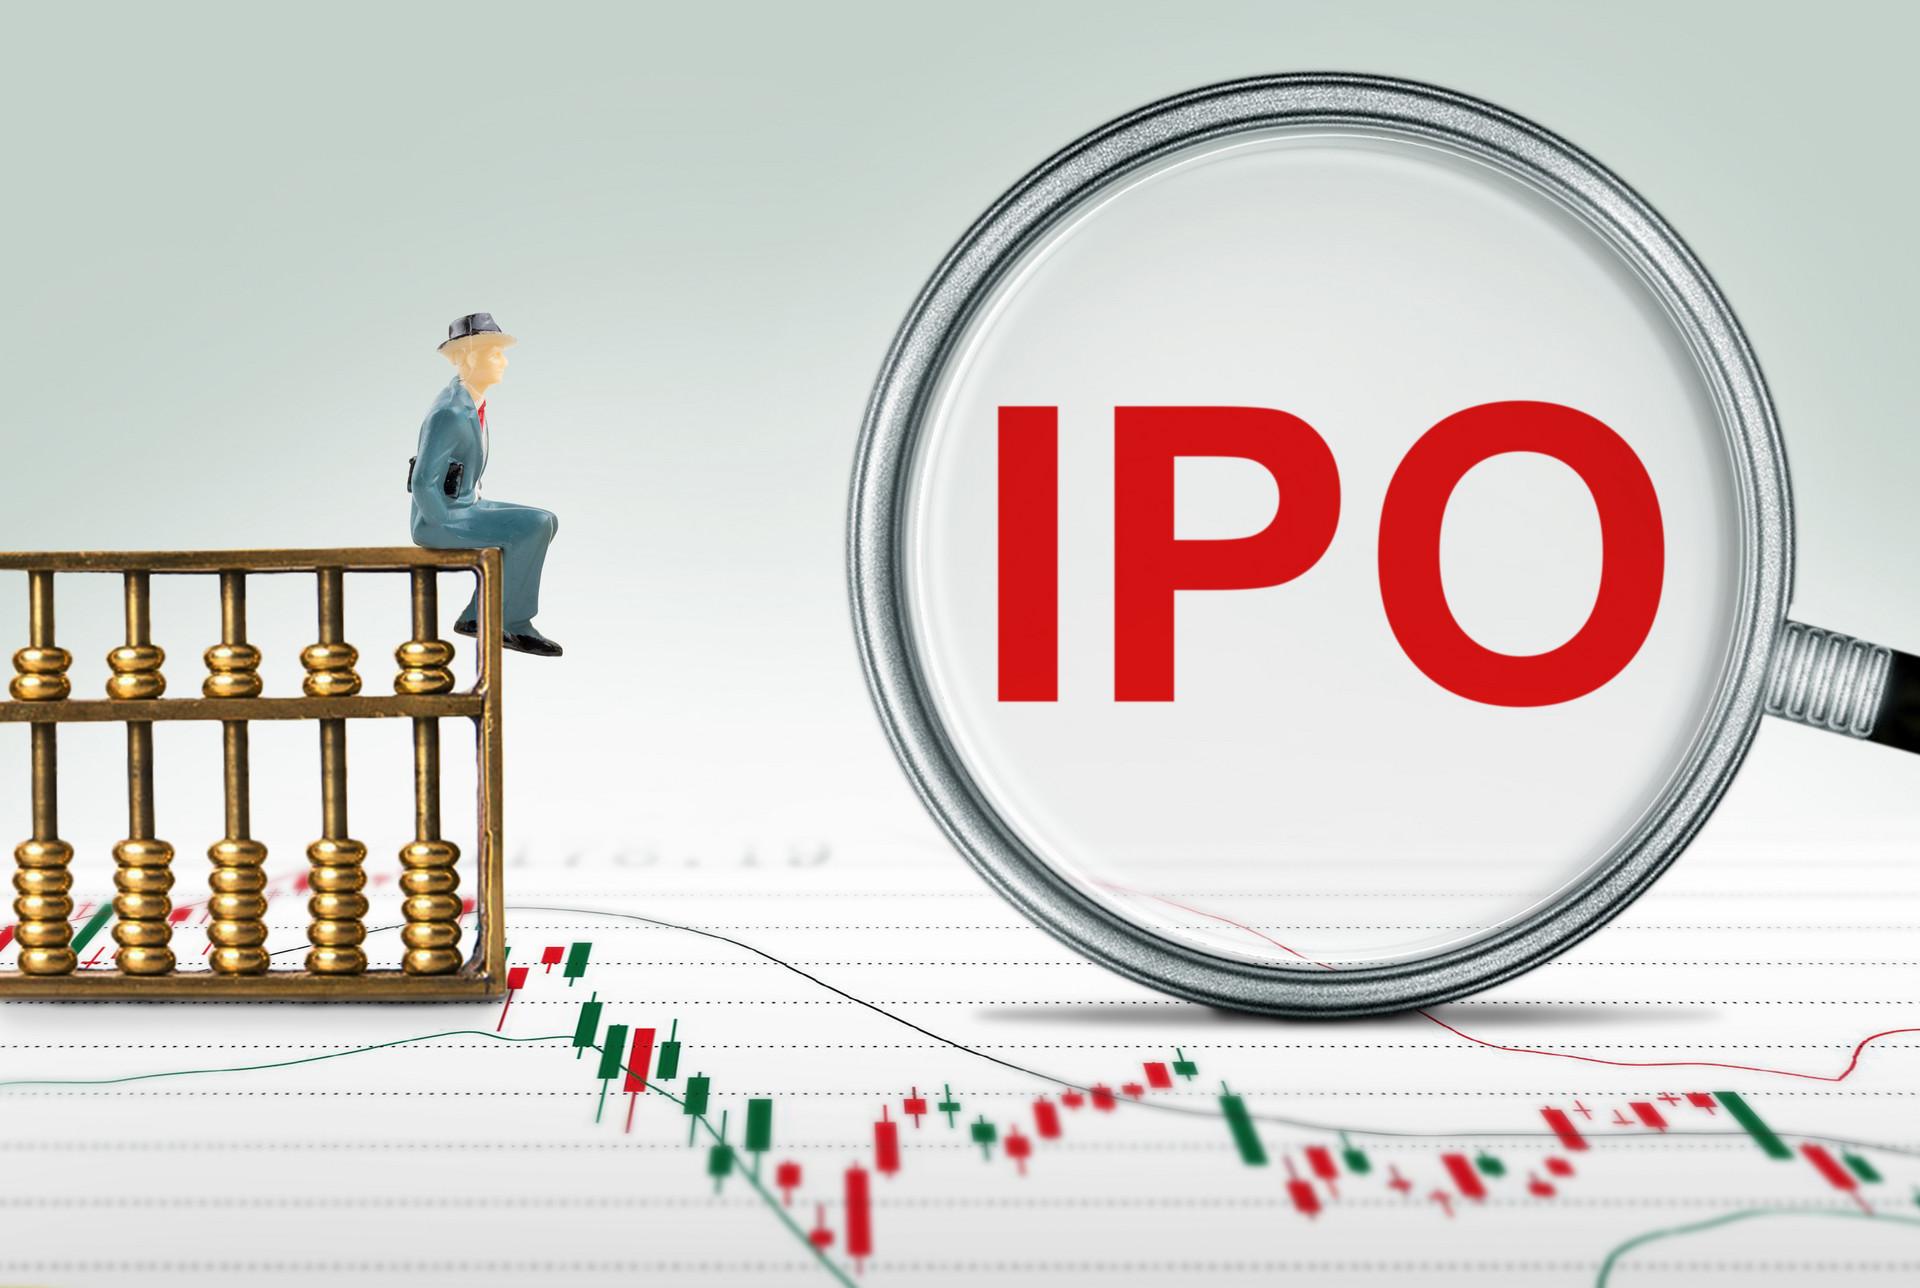 先突击分红23亿港元!蓝月亮要IPO了